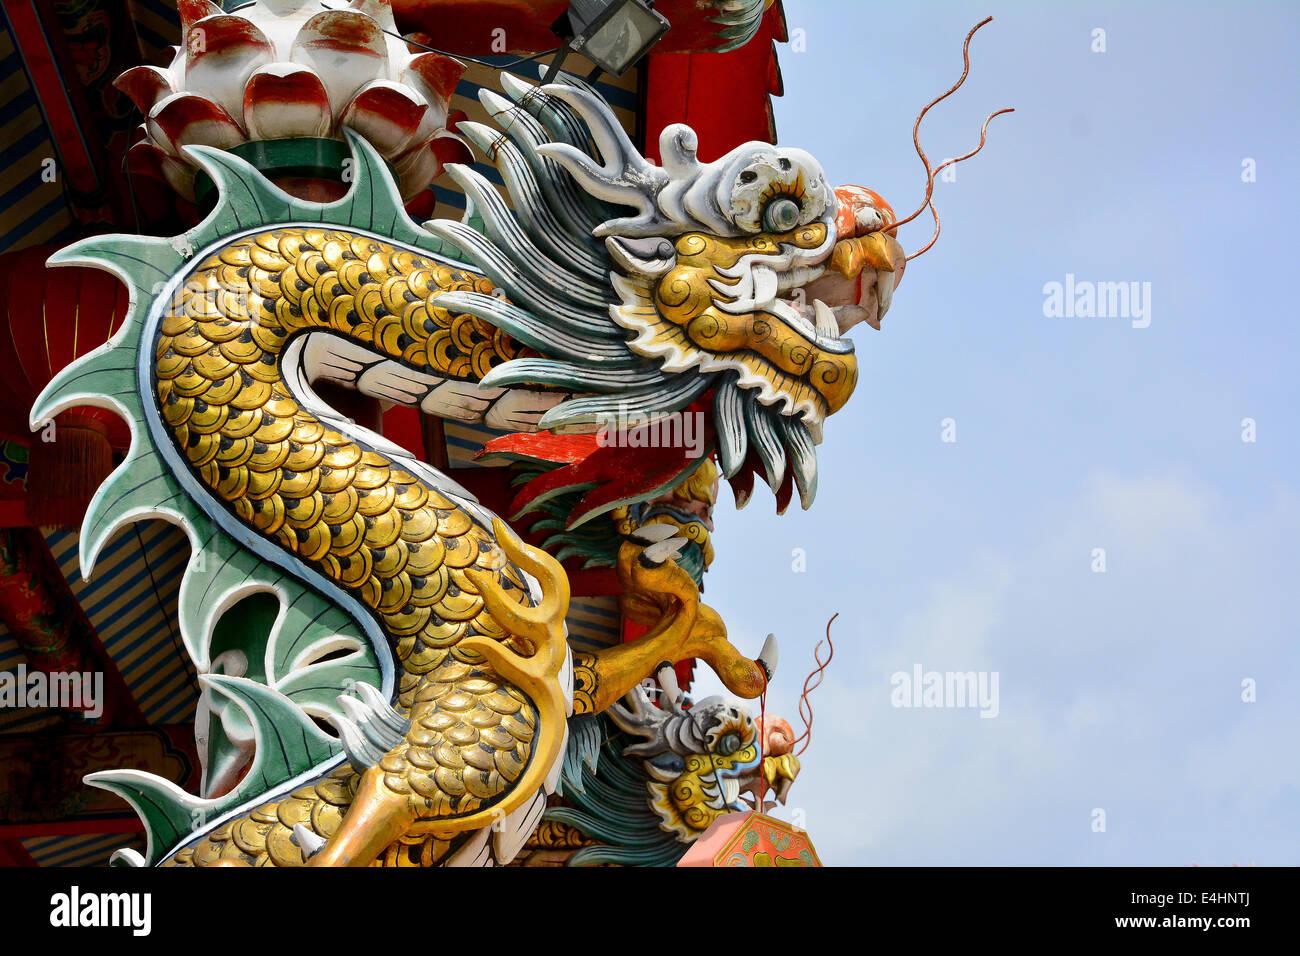 Chinese Mythology Stock Photos & Chinese Mythology Stock Images ...